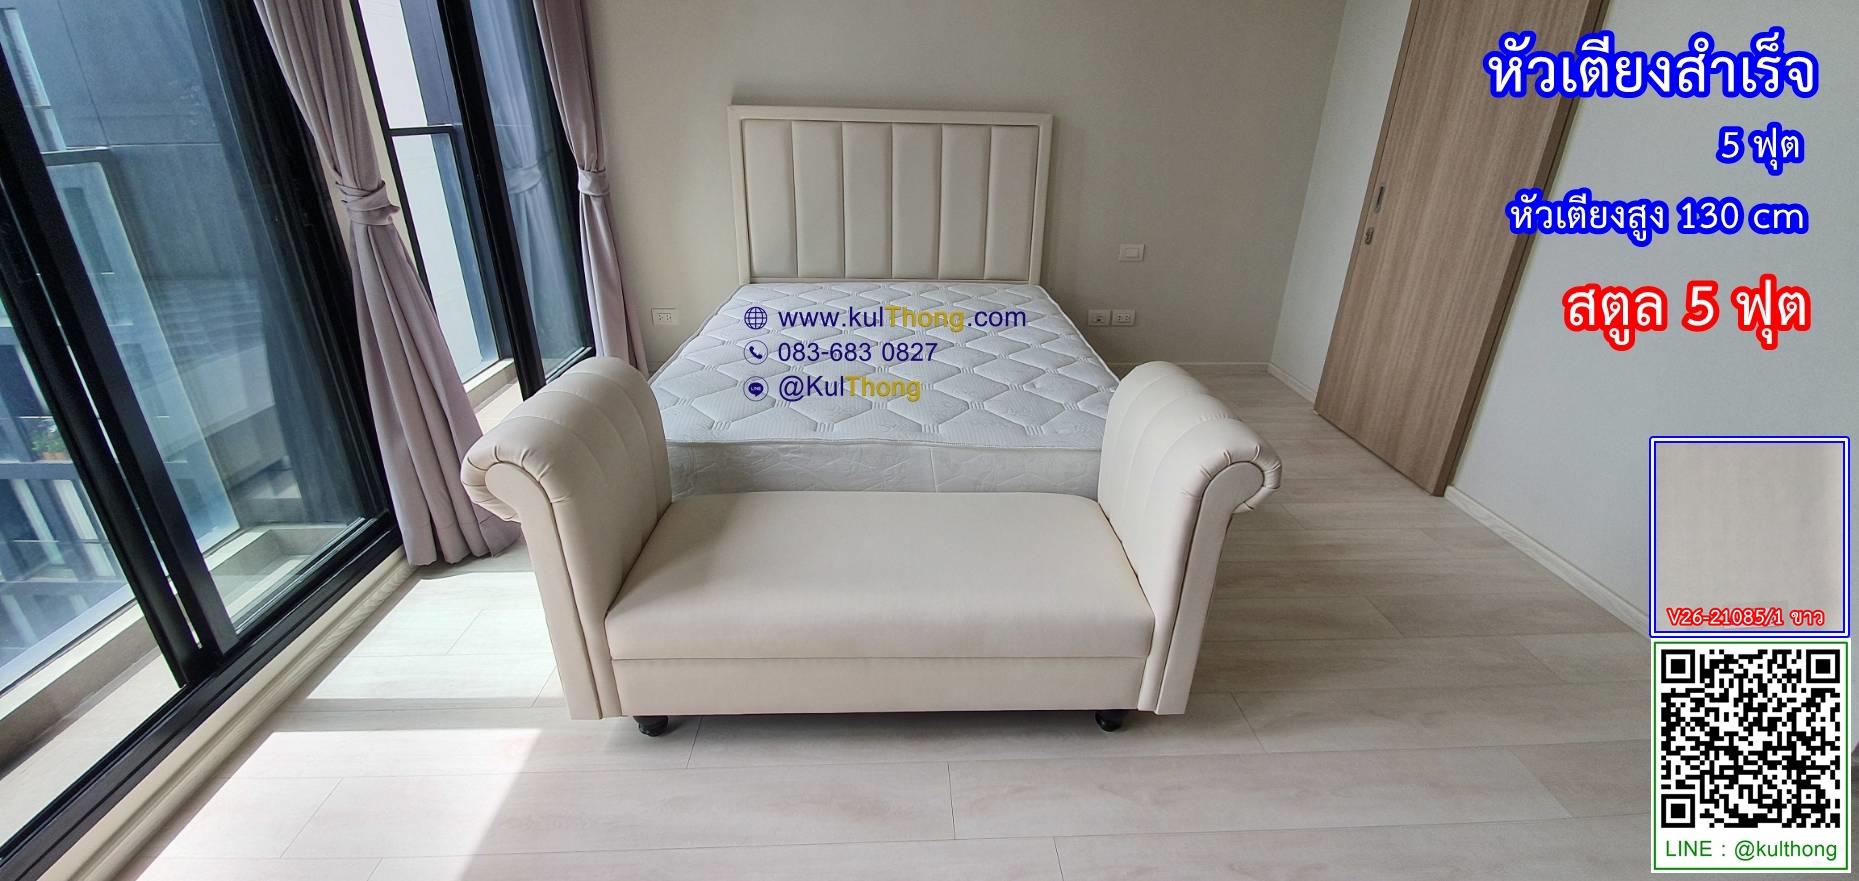 เตียงดีไซน์ เตียงหุ้มหนัง ฐานเตียง